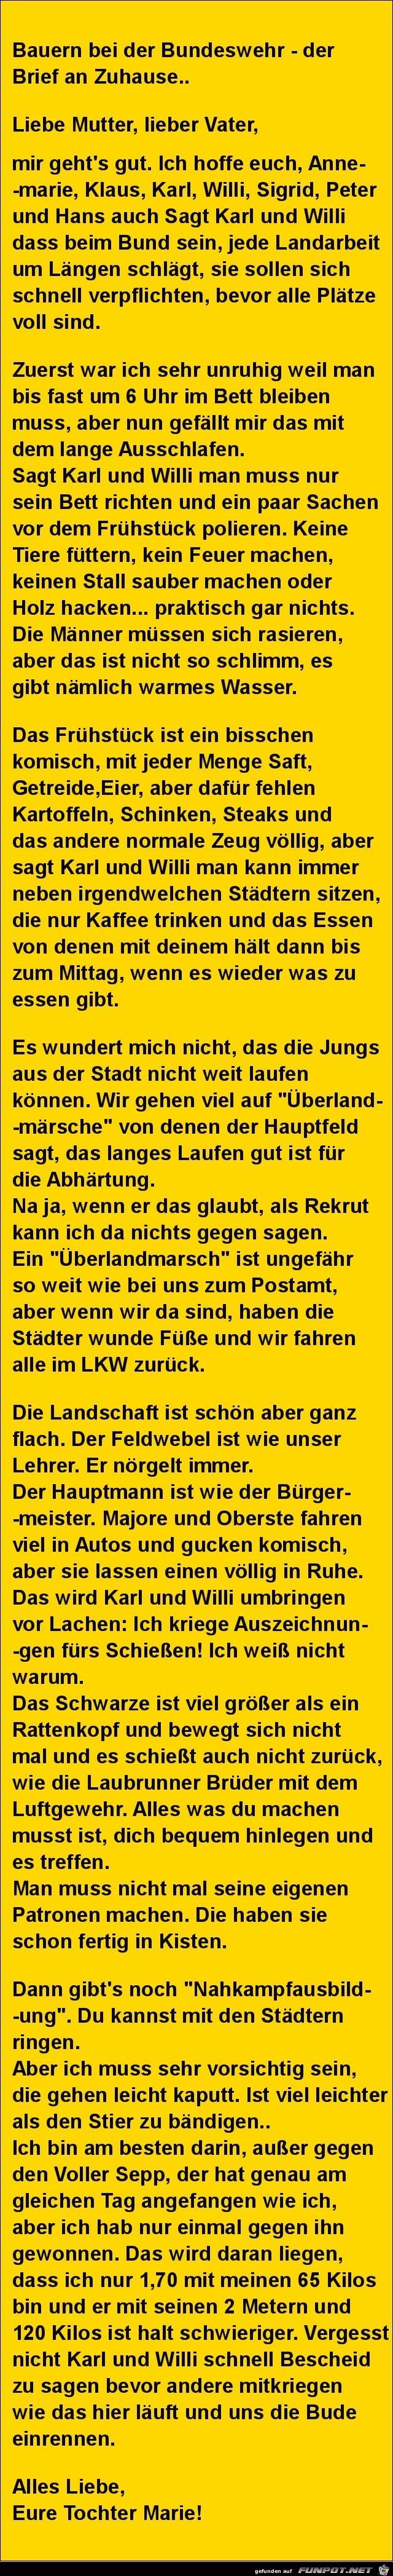 Bauern bei der Bundeswehr.......